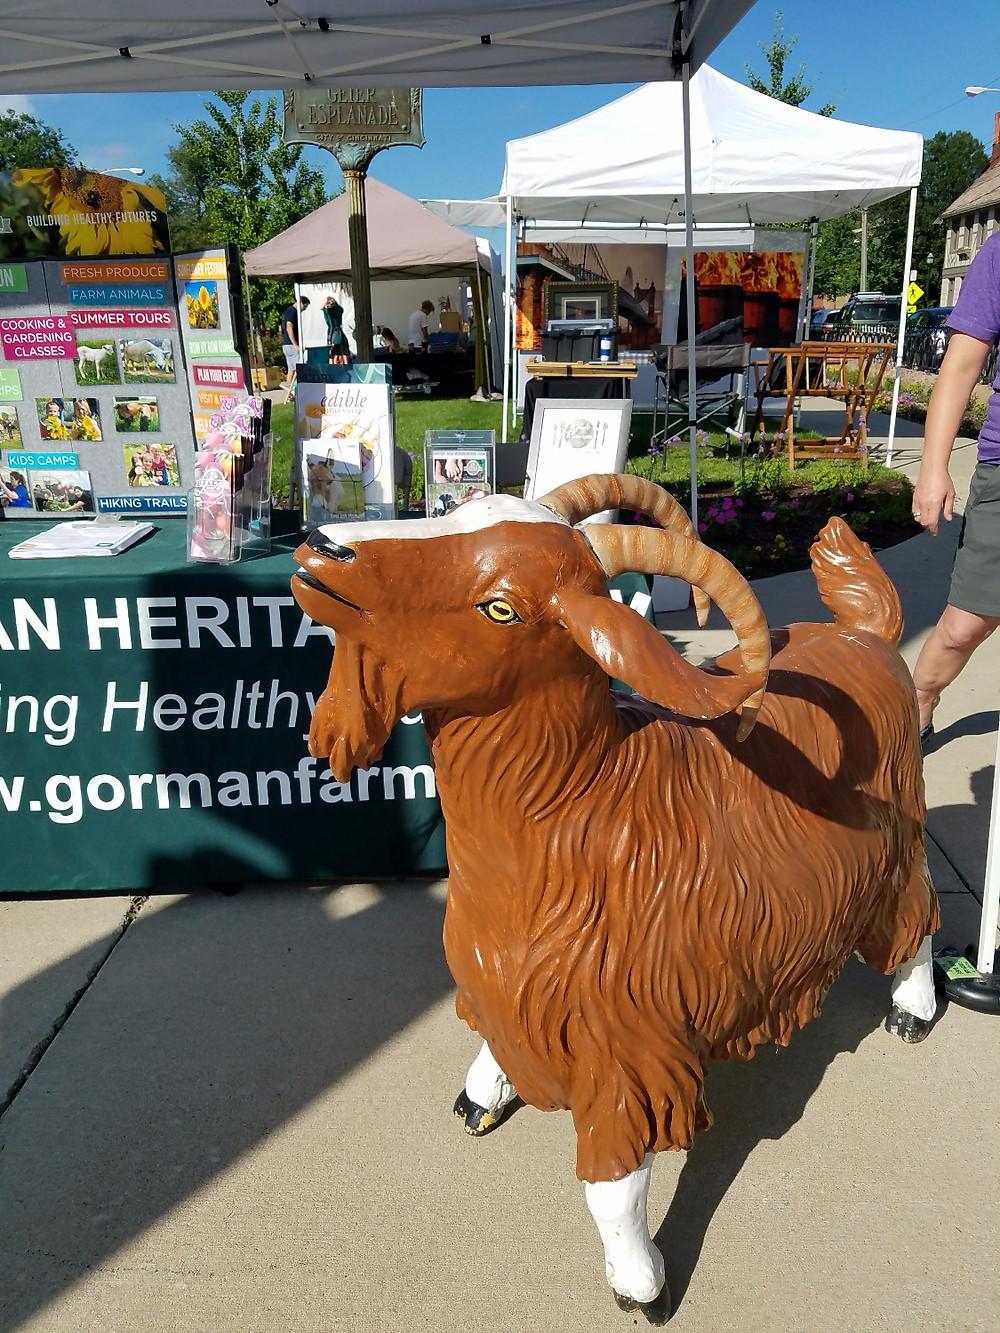 Gorman Farm